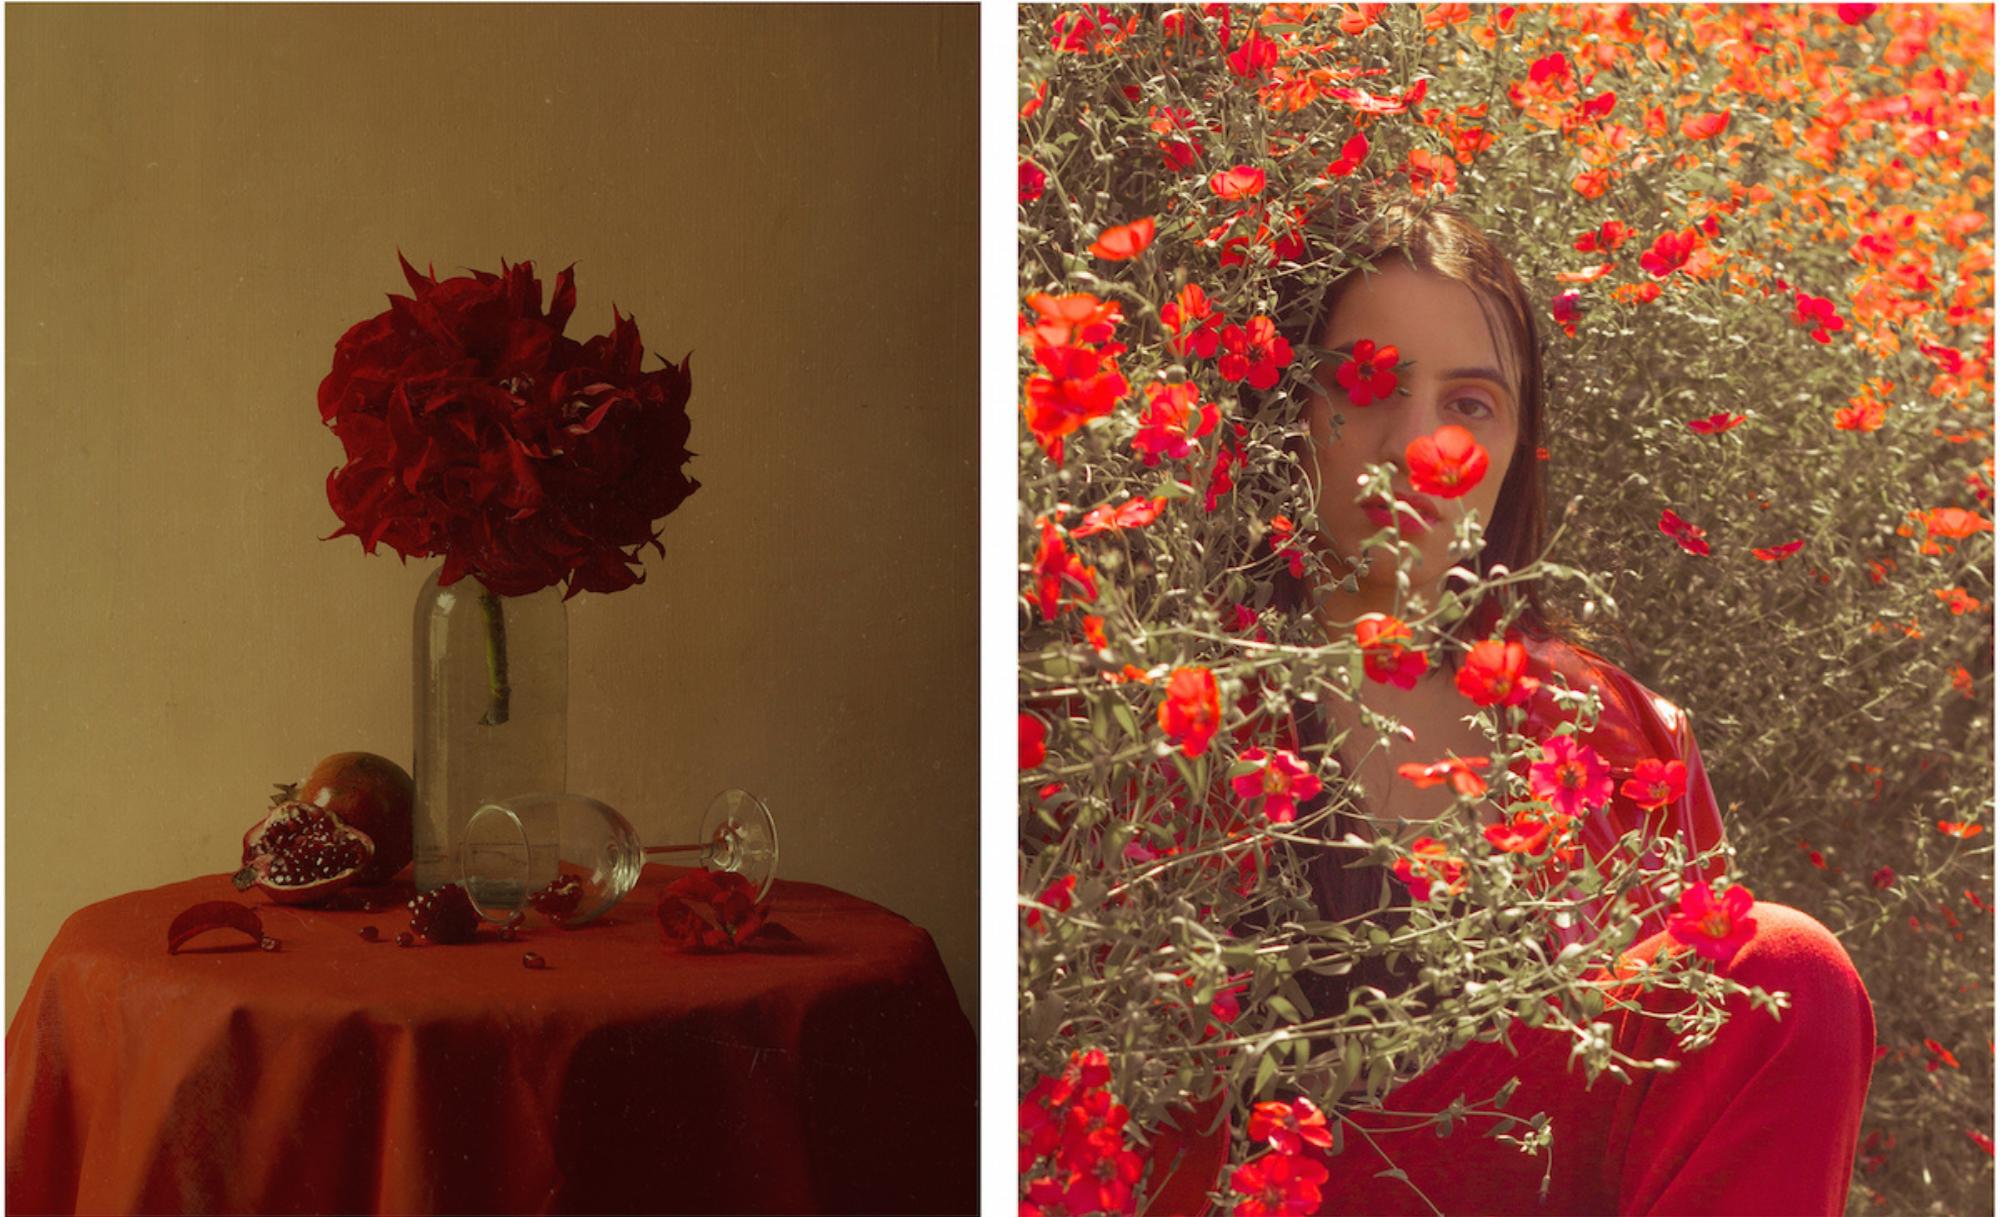 photo de femme et fleurs rouges